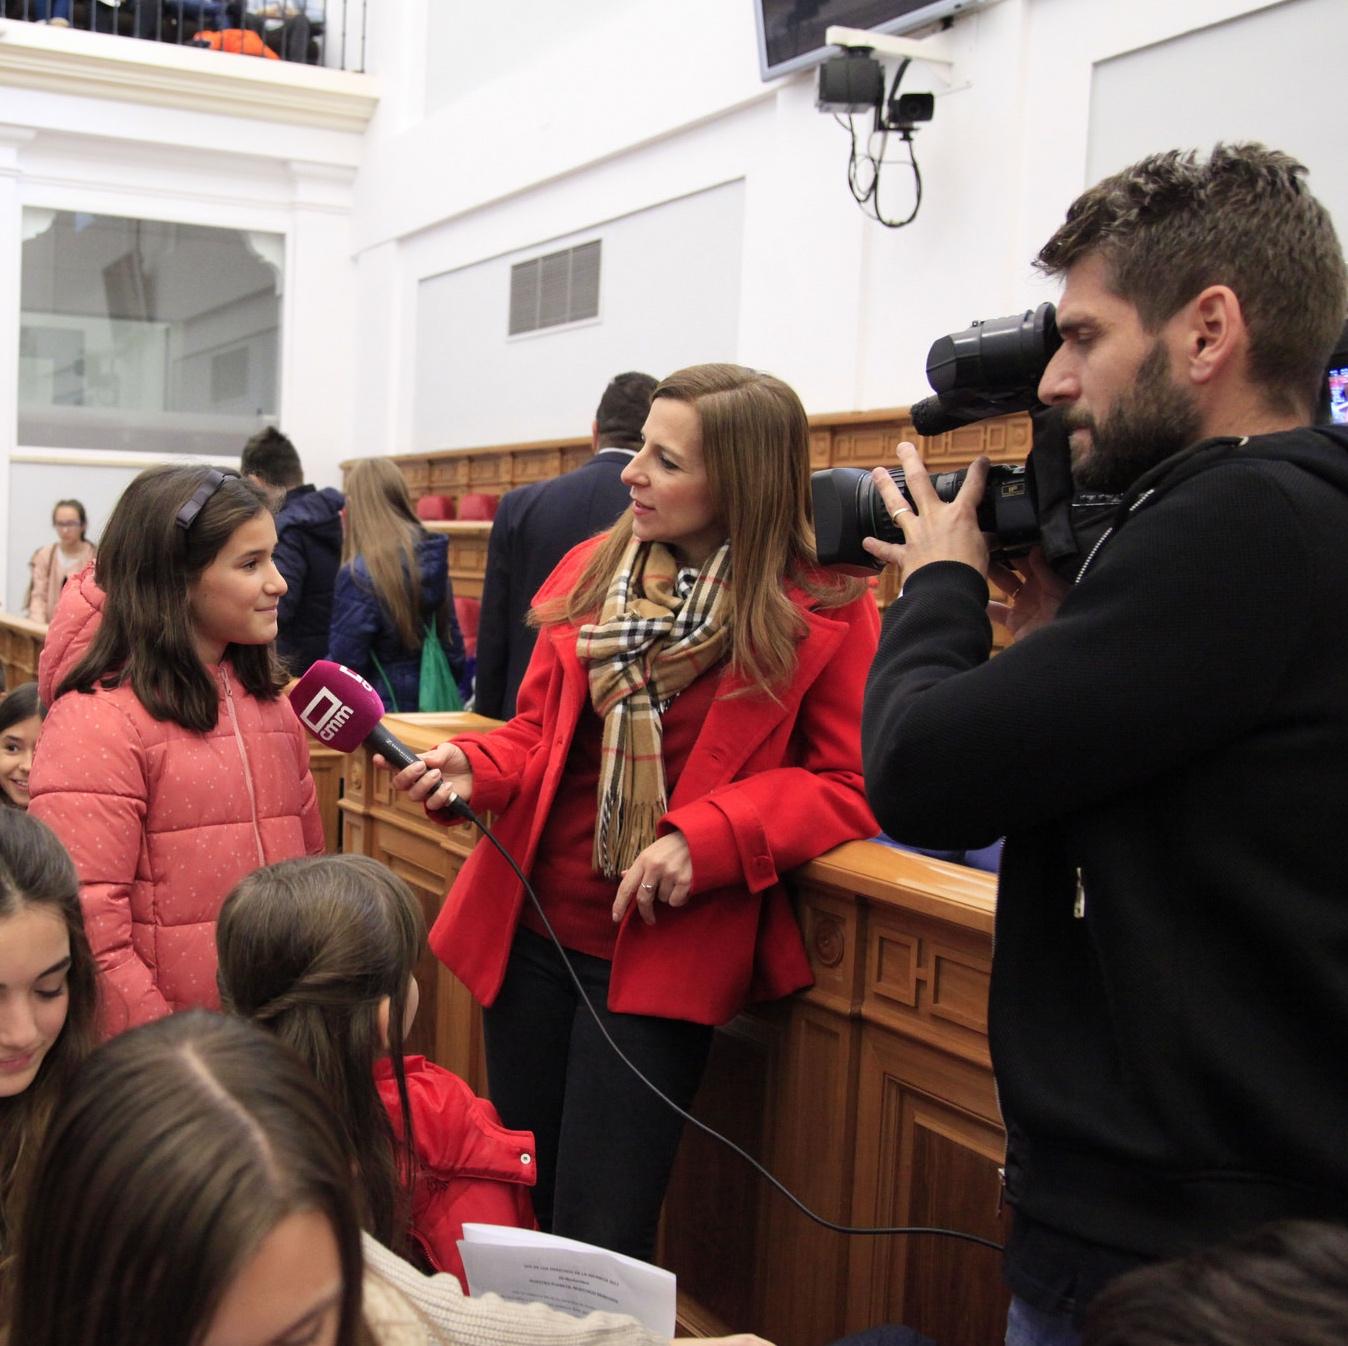 La infancia de Castilla-La Mancha se moviliza por el planeta